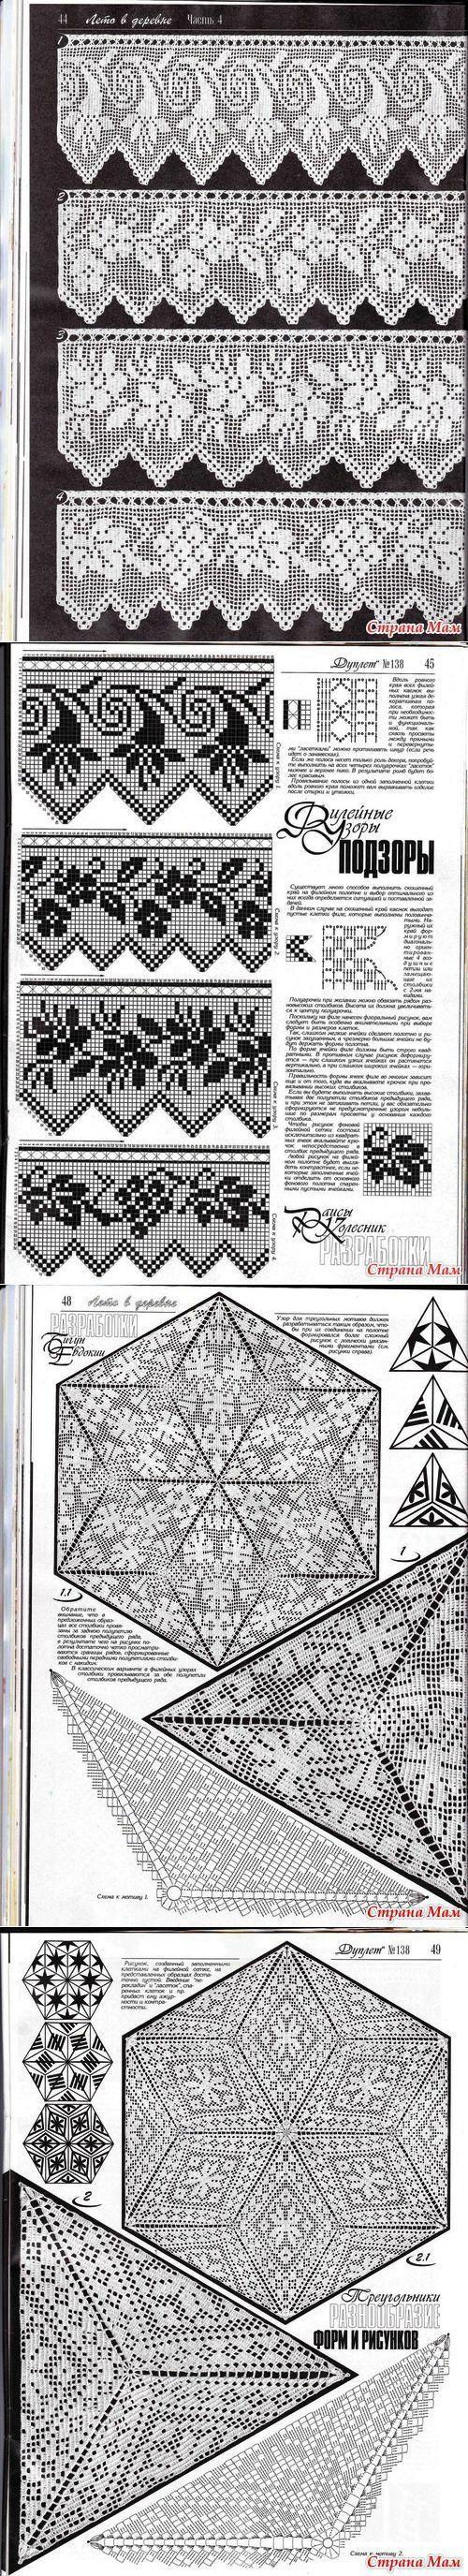 Коллекция узоров: кайма и треугольники | САМОБРАНОЧКА - сайт для рукодельниц, мастериц | Кайма спицами. | Постила